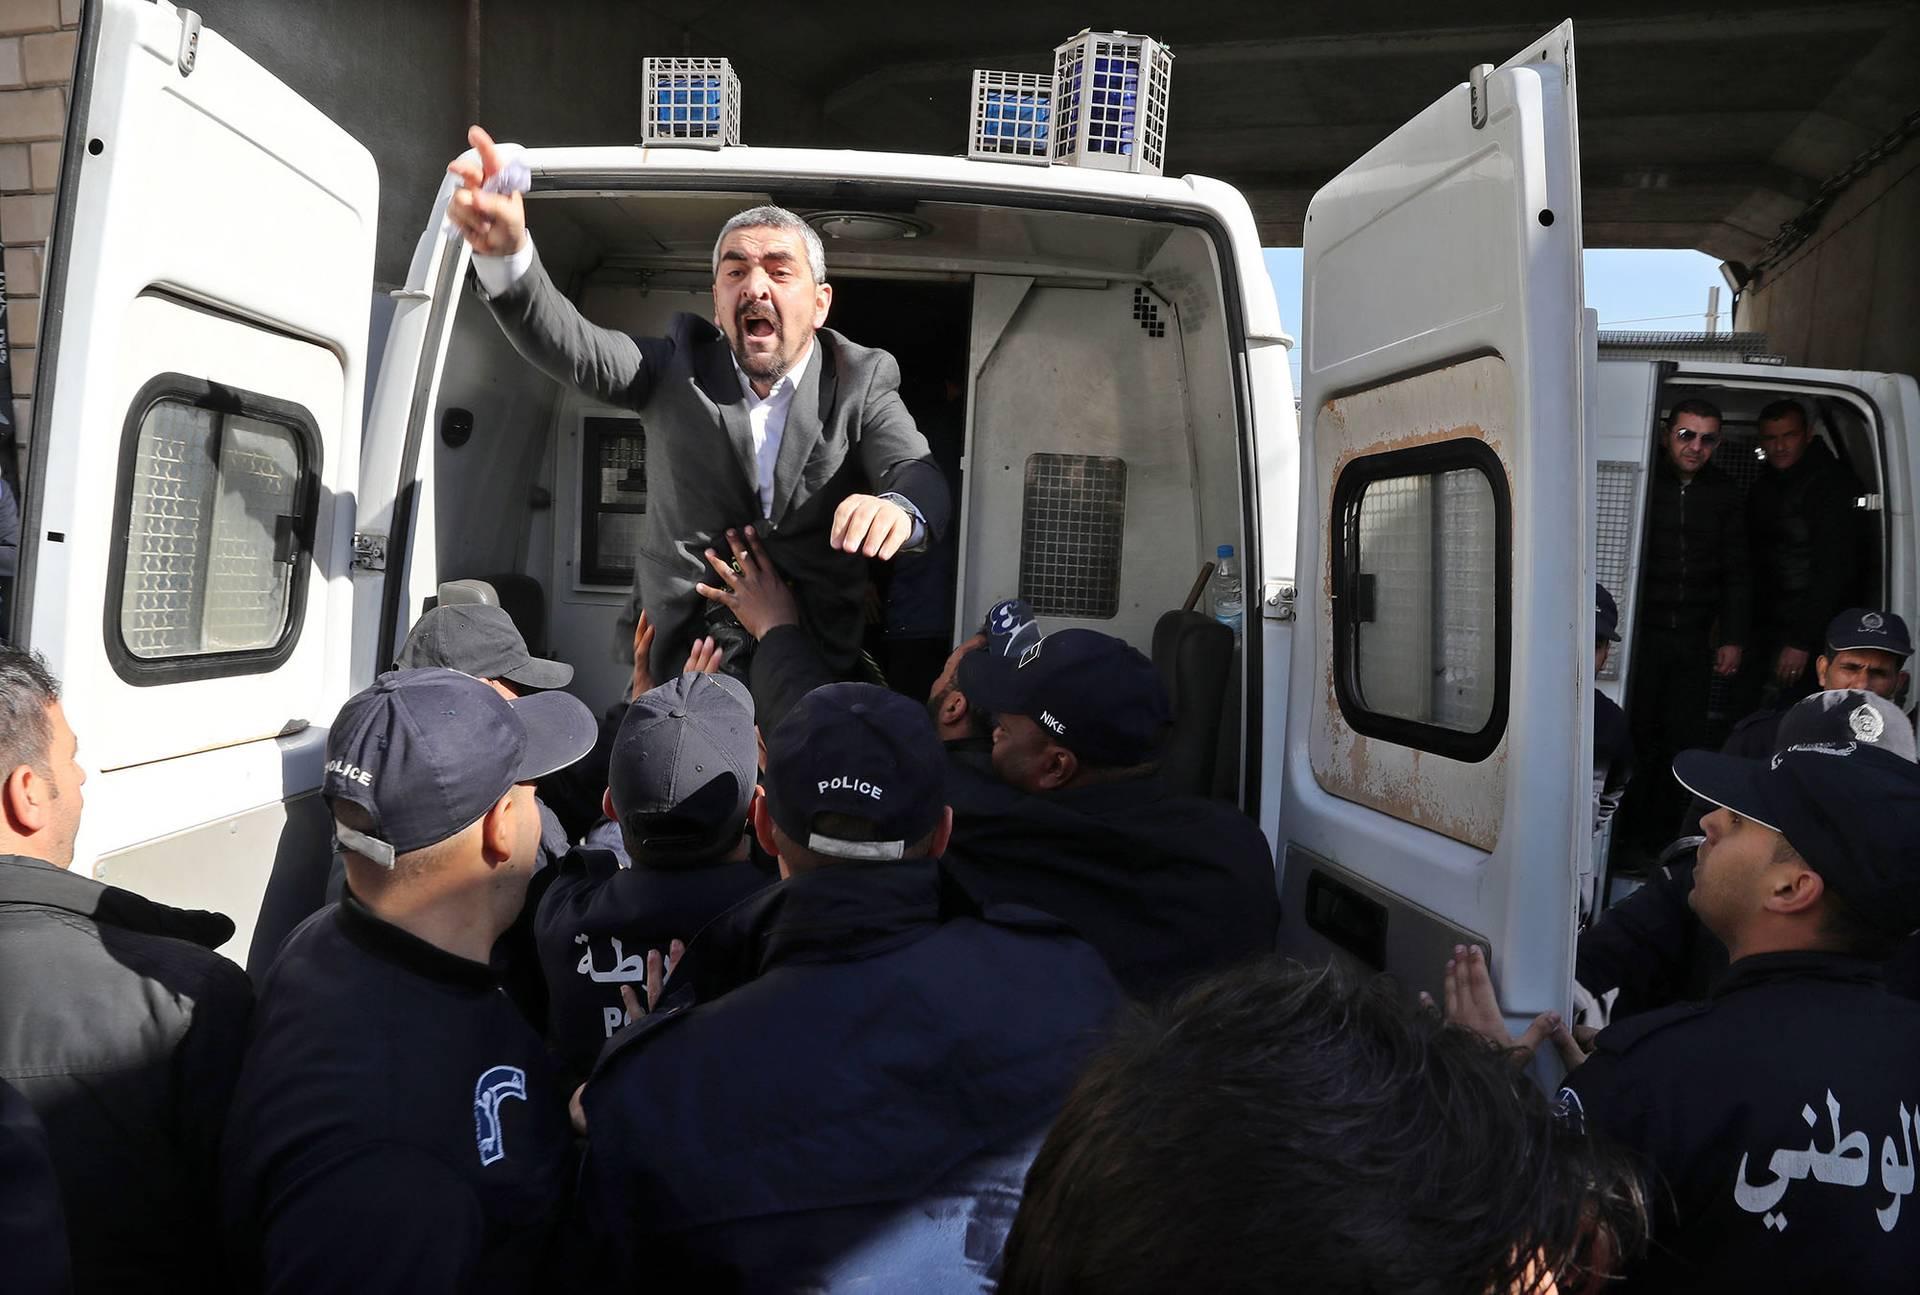 Поліцейські арештовують журналістів під час протистоянь у центрі Алжиру, Алжир, 28 лютого 2019 року